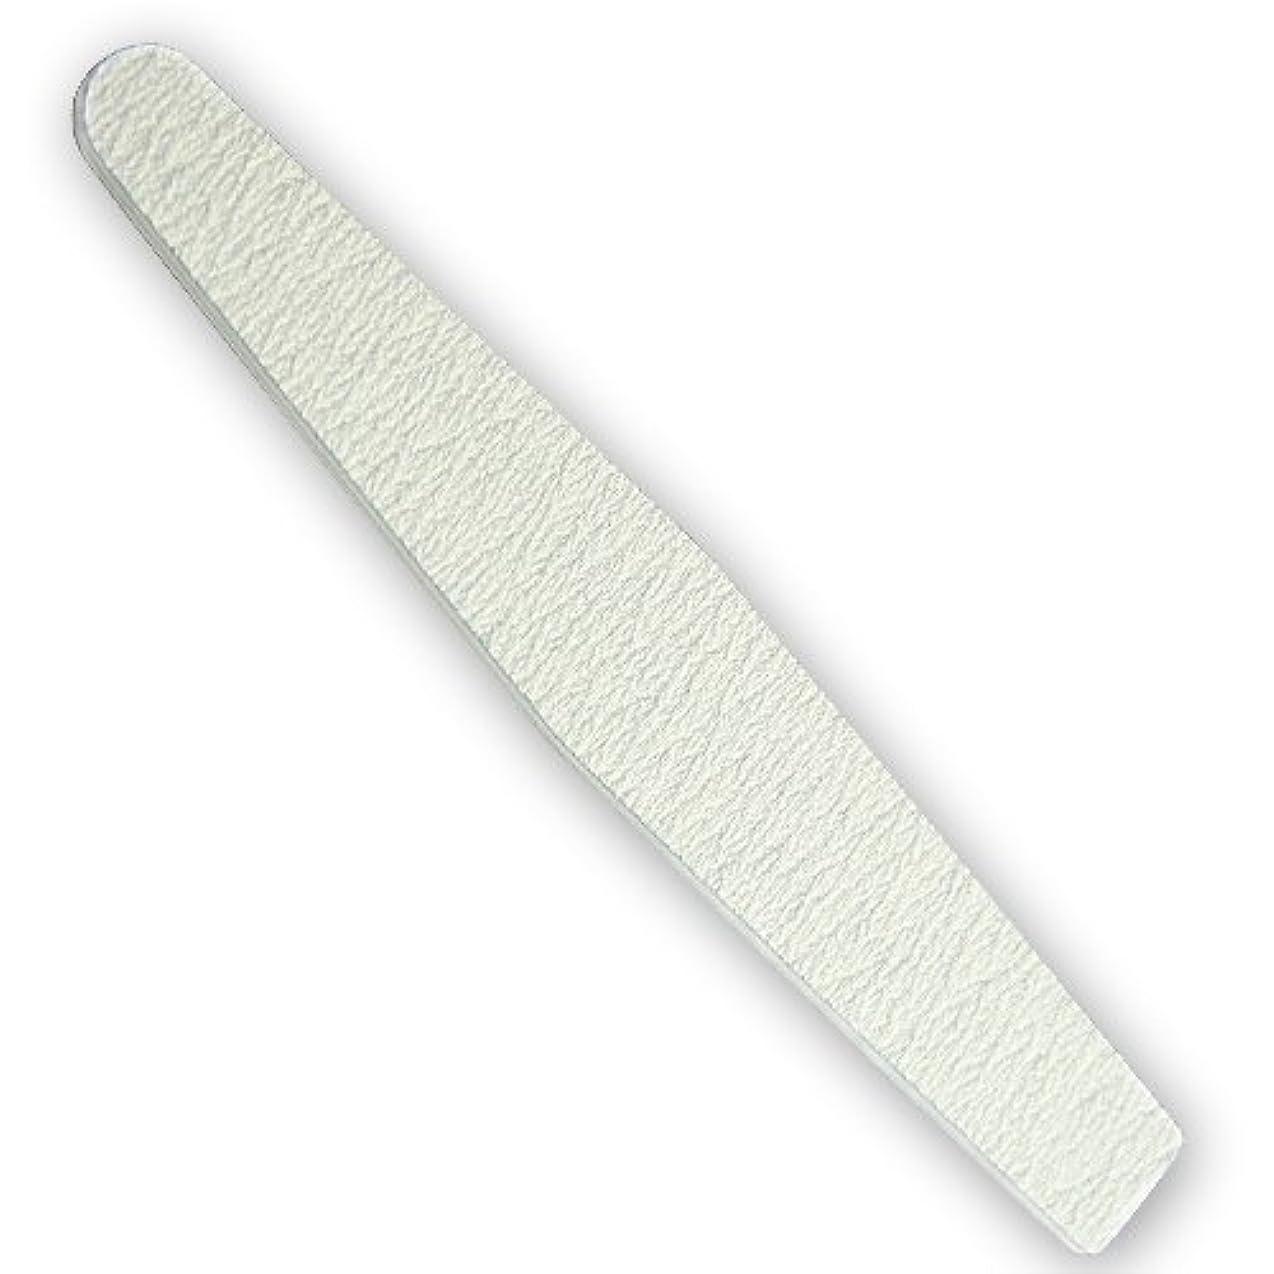 カップル経由で説得ジェルネイル用ファイル100/180(爪やすり)シンプルで使いやすい